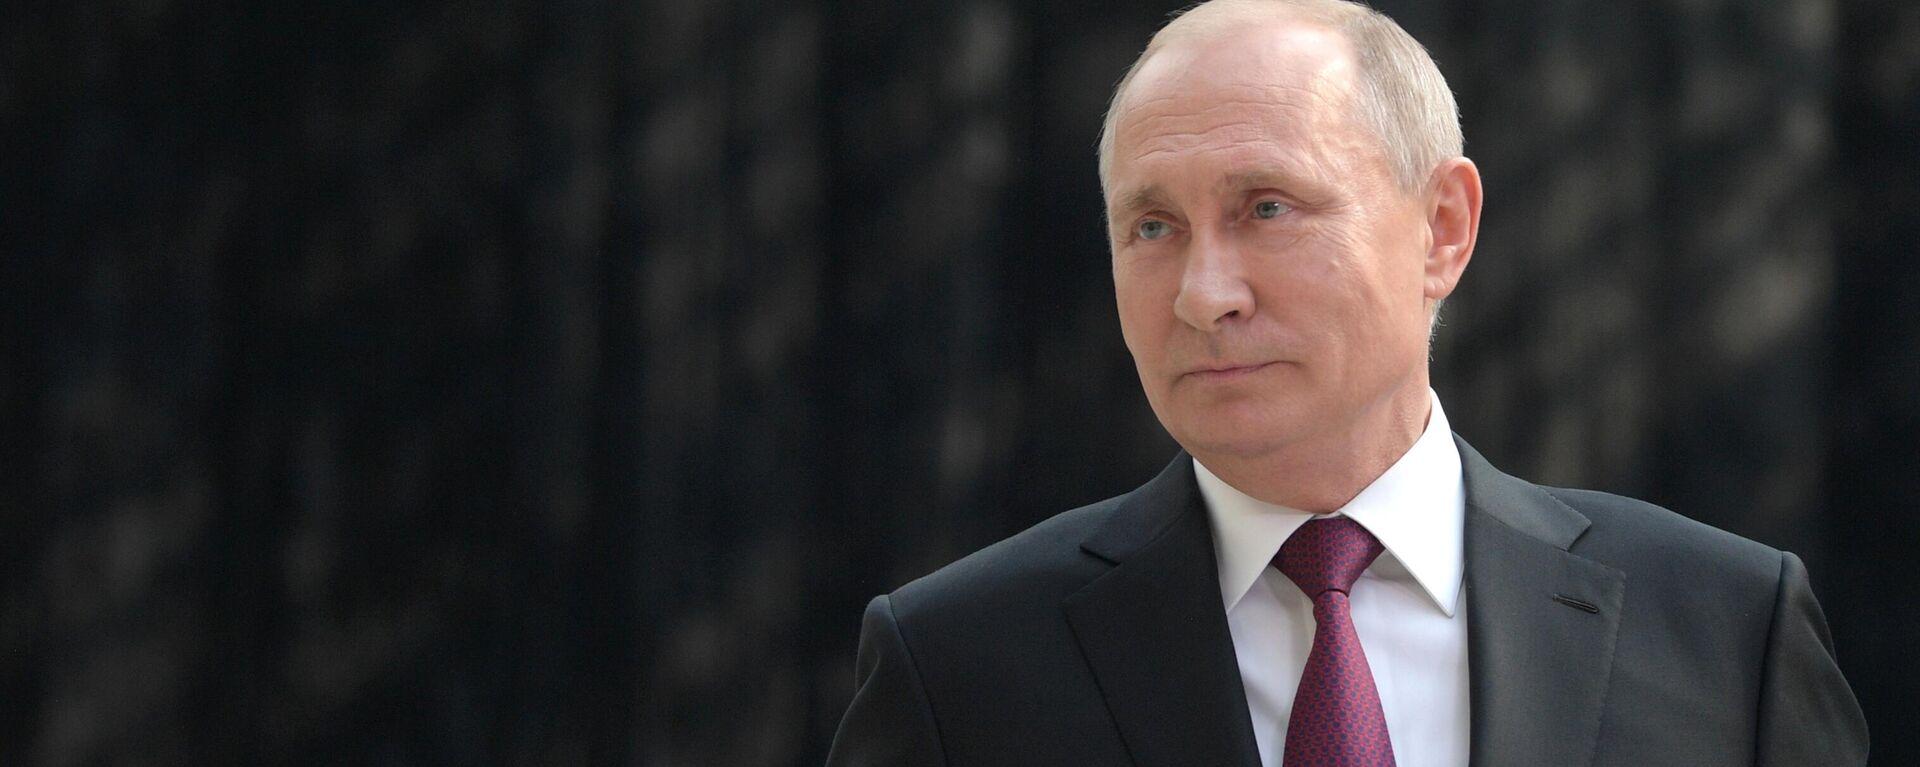 Прямая линия с Владимиром Путиным 30 июня 2021 года  - Sputnik Узбекистан, 1920, 30.06.2021